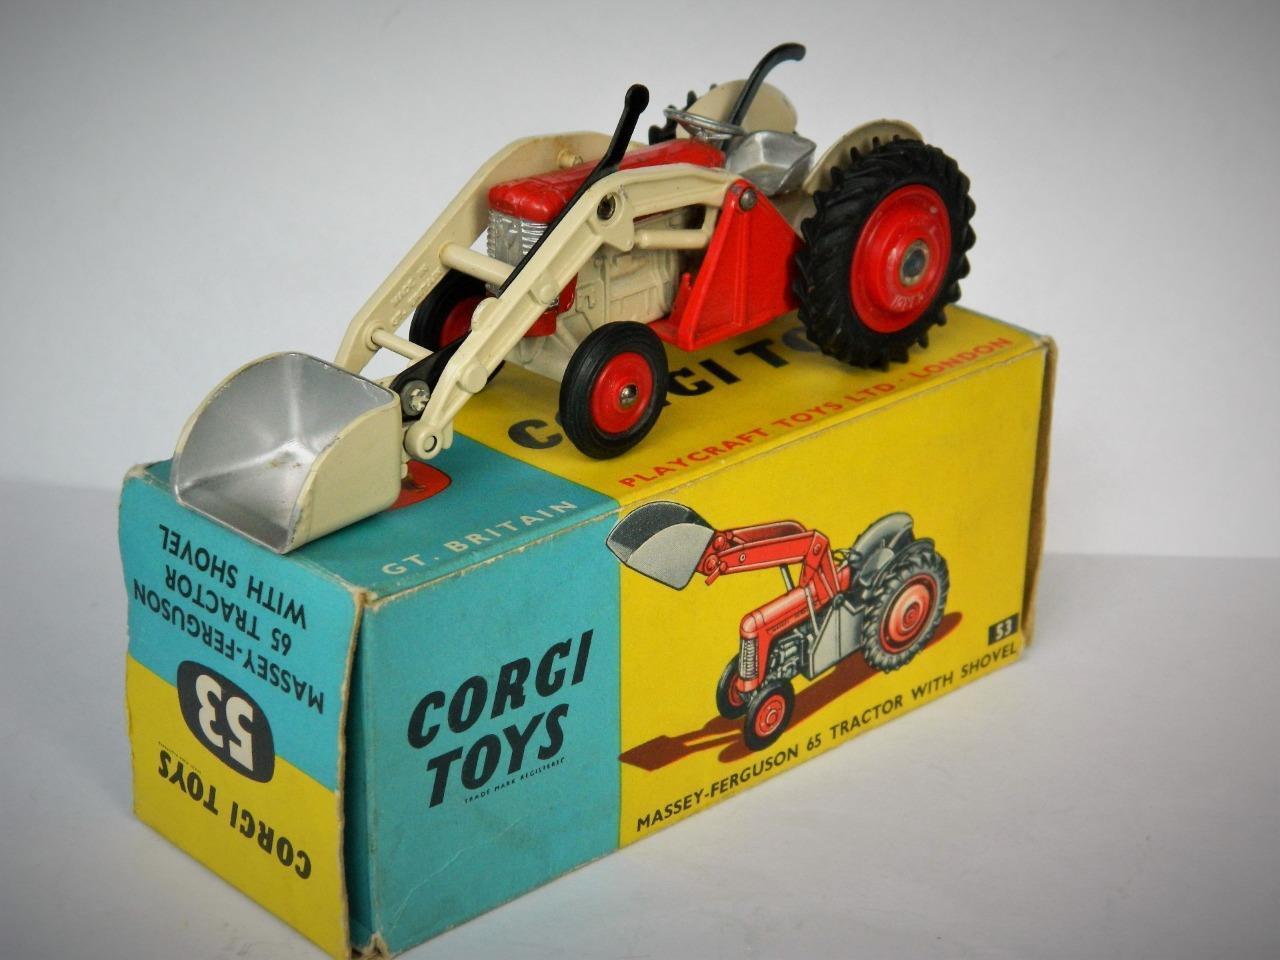 CORGI TOYS COFFRET VINTAGE 1960  53 Diecast Diecast Diecast Massey Ferguson 65 Tracteur avec pelle 6f4cff